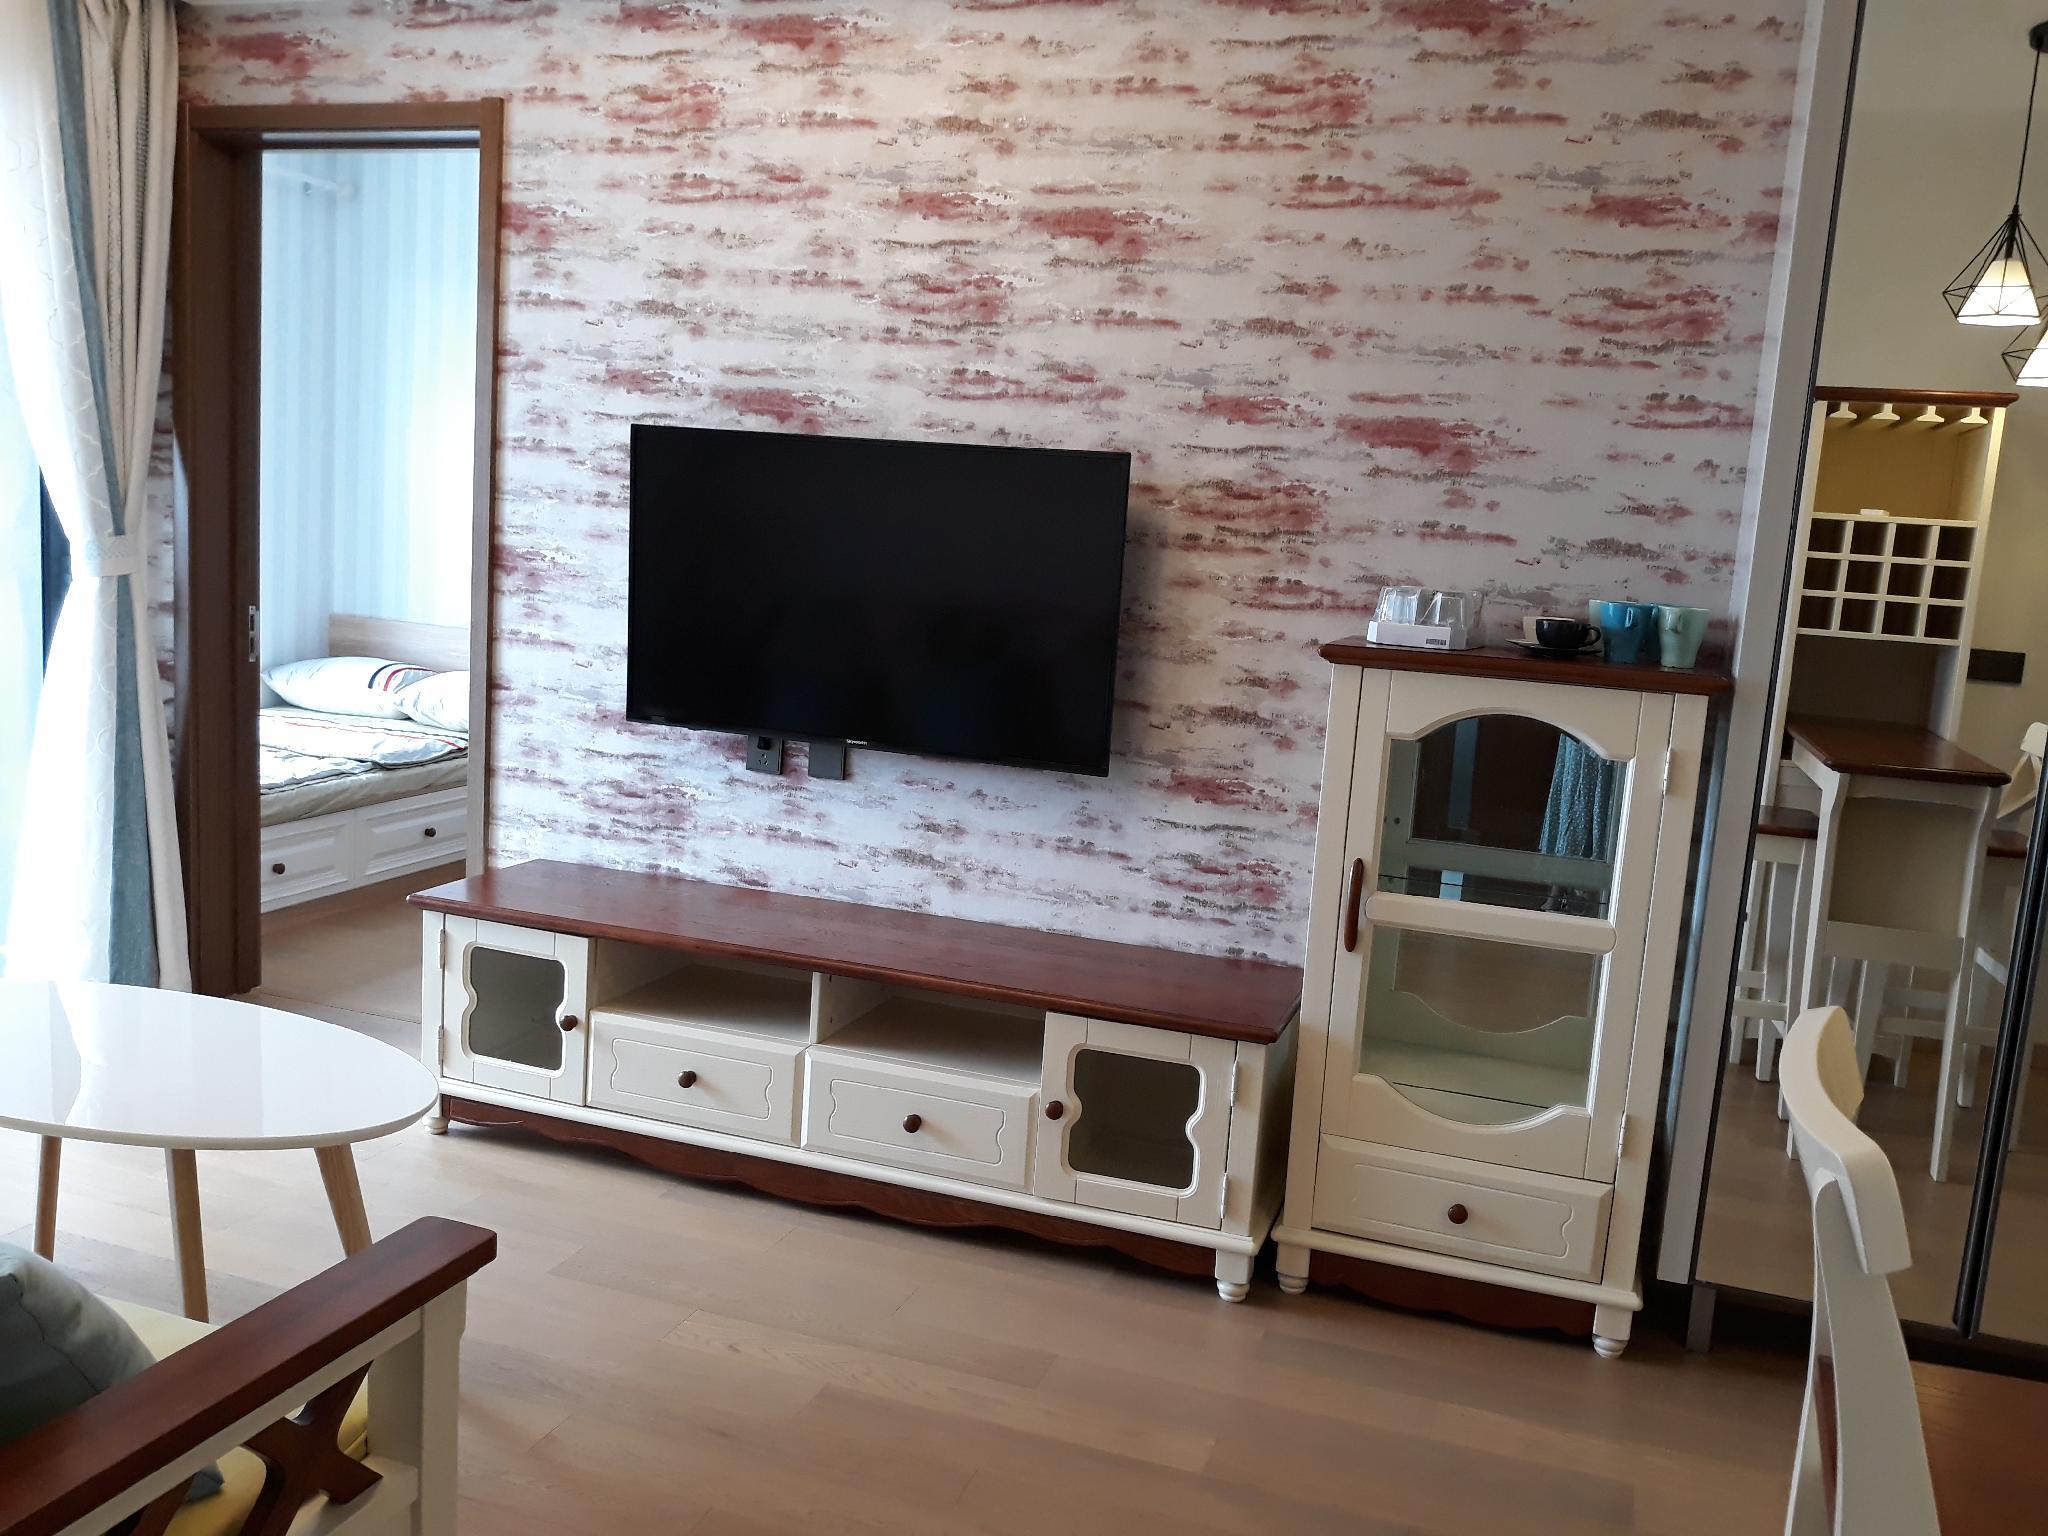 2 Bedrooms Apt NanShan